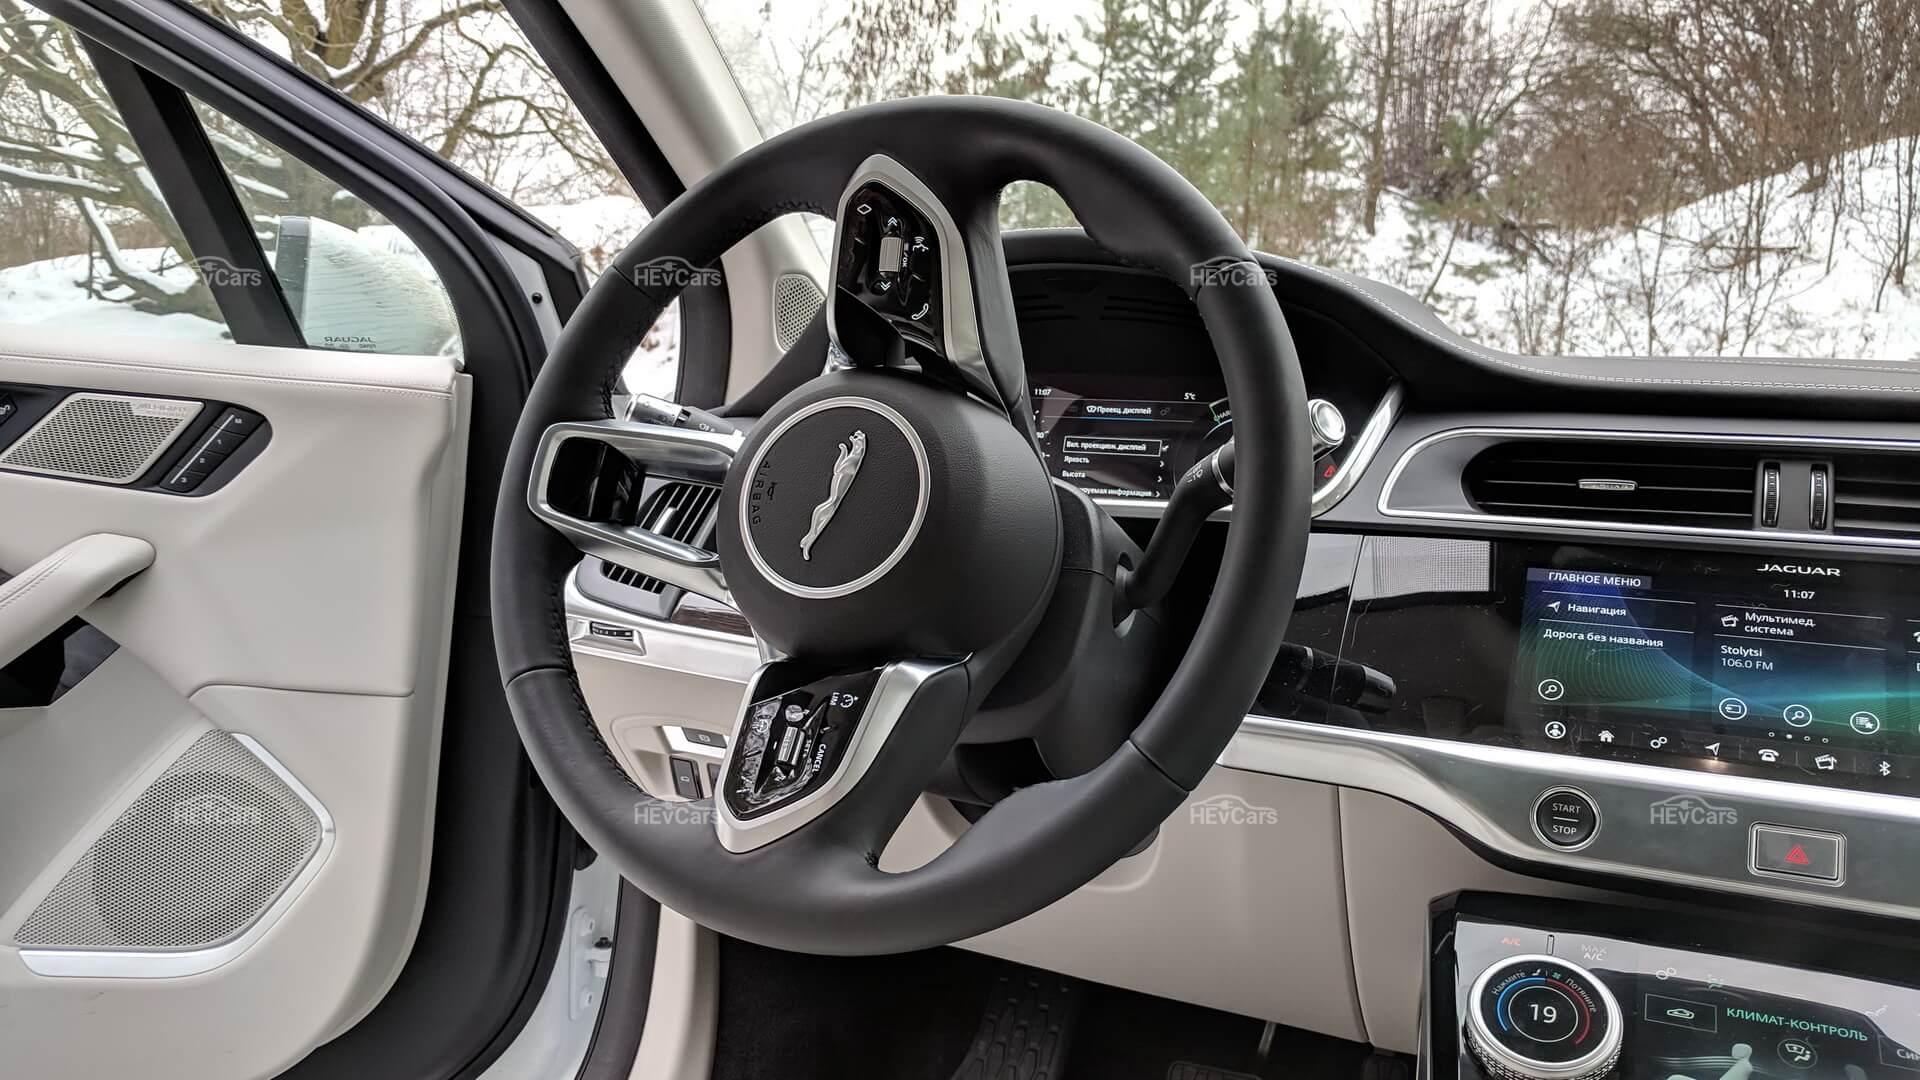 Рулевое колесо электрокроссовера Jaguar I-Pace